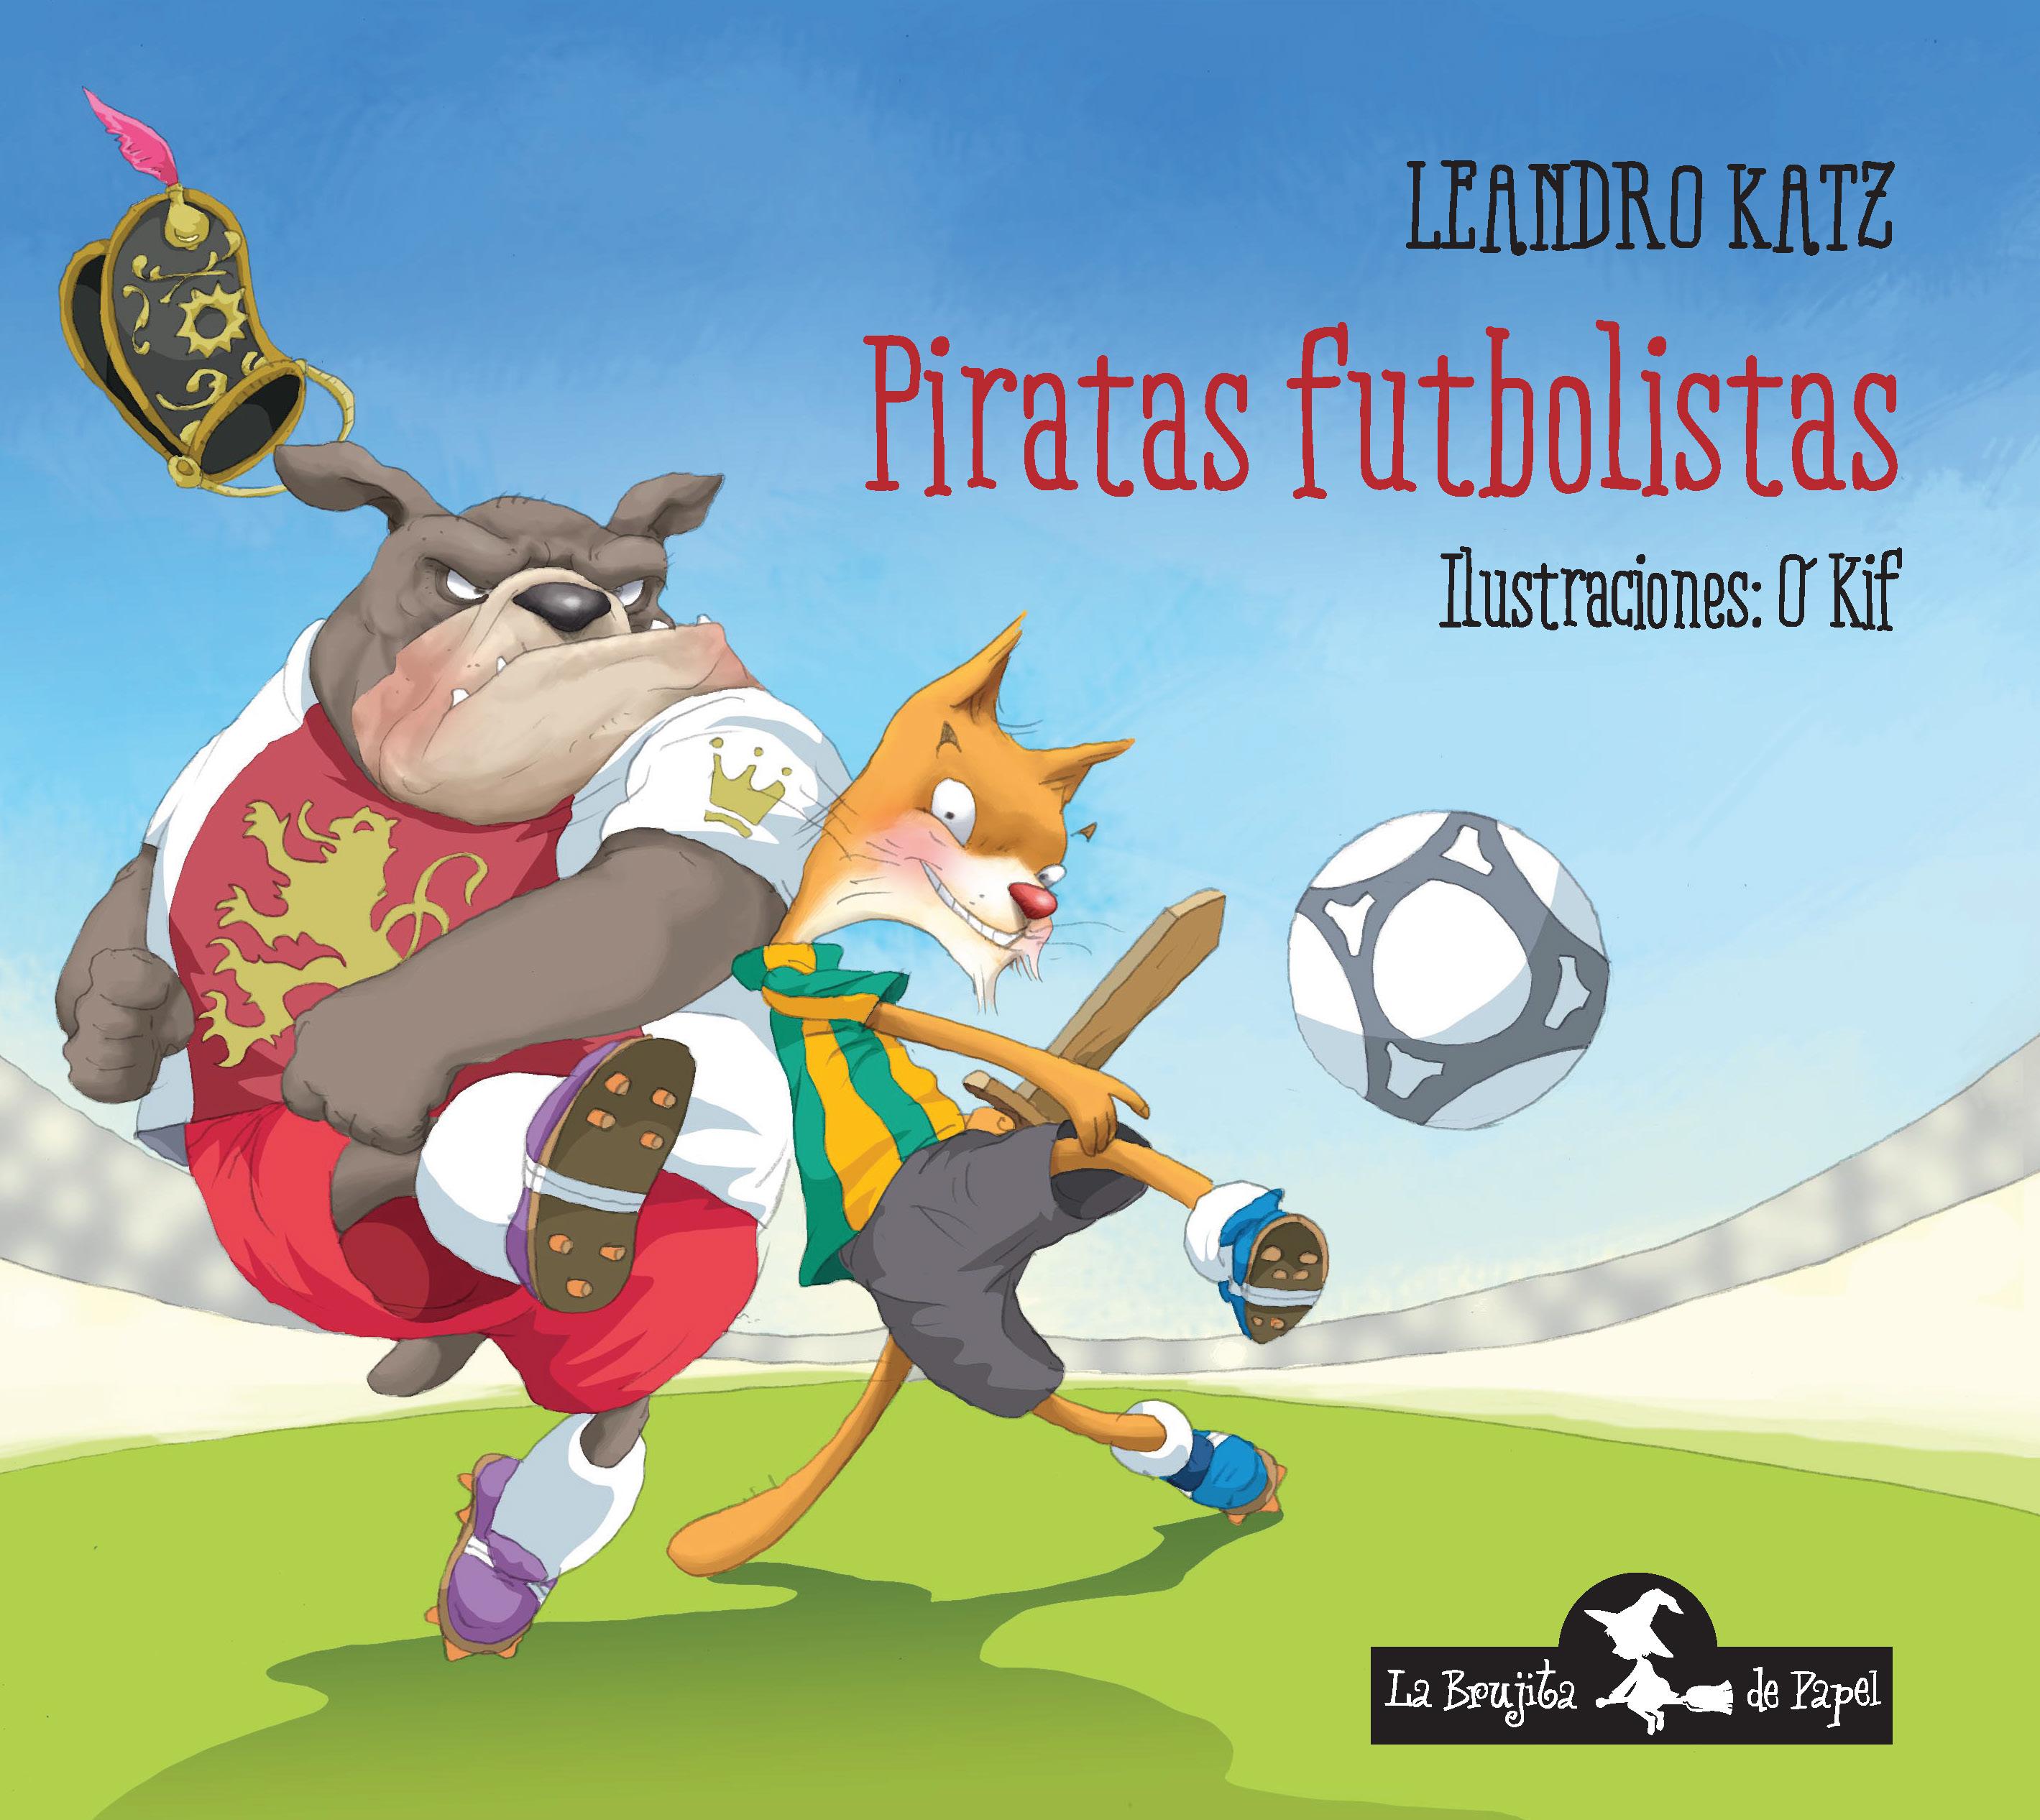 Piratas futbolistas - Leandro Katz